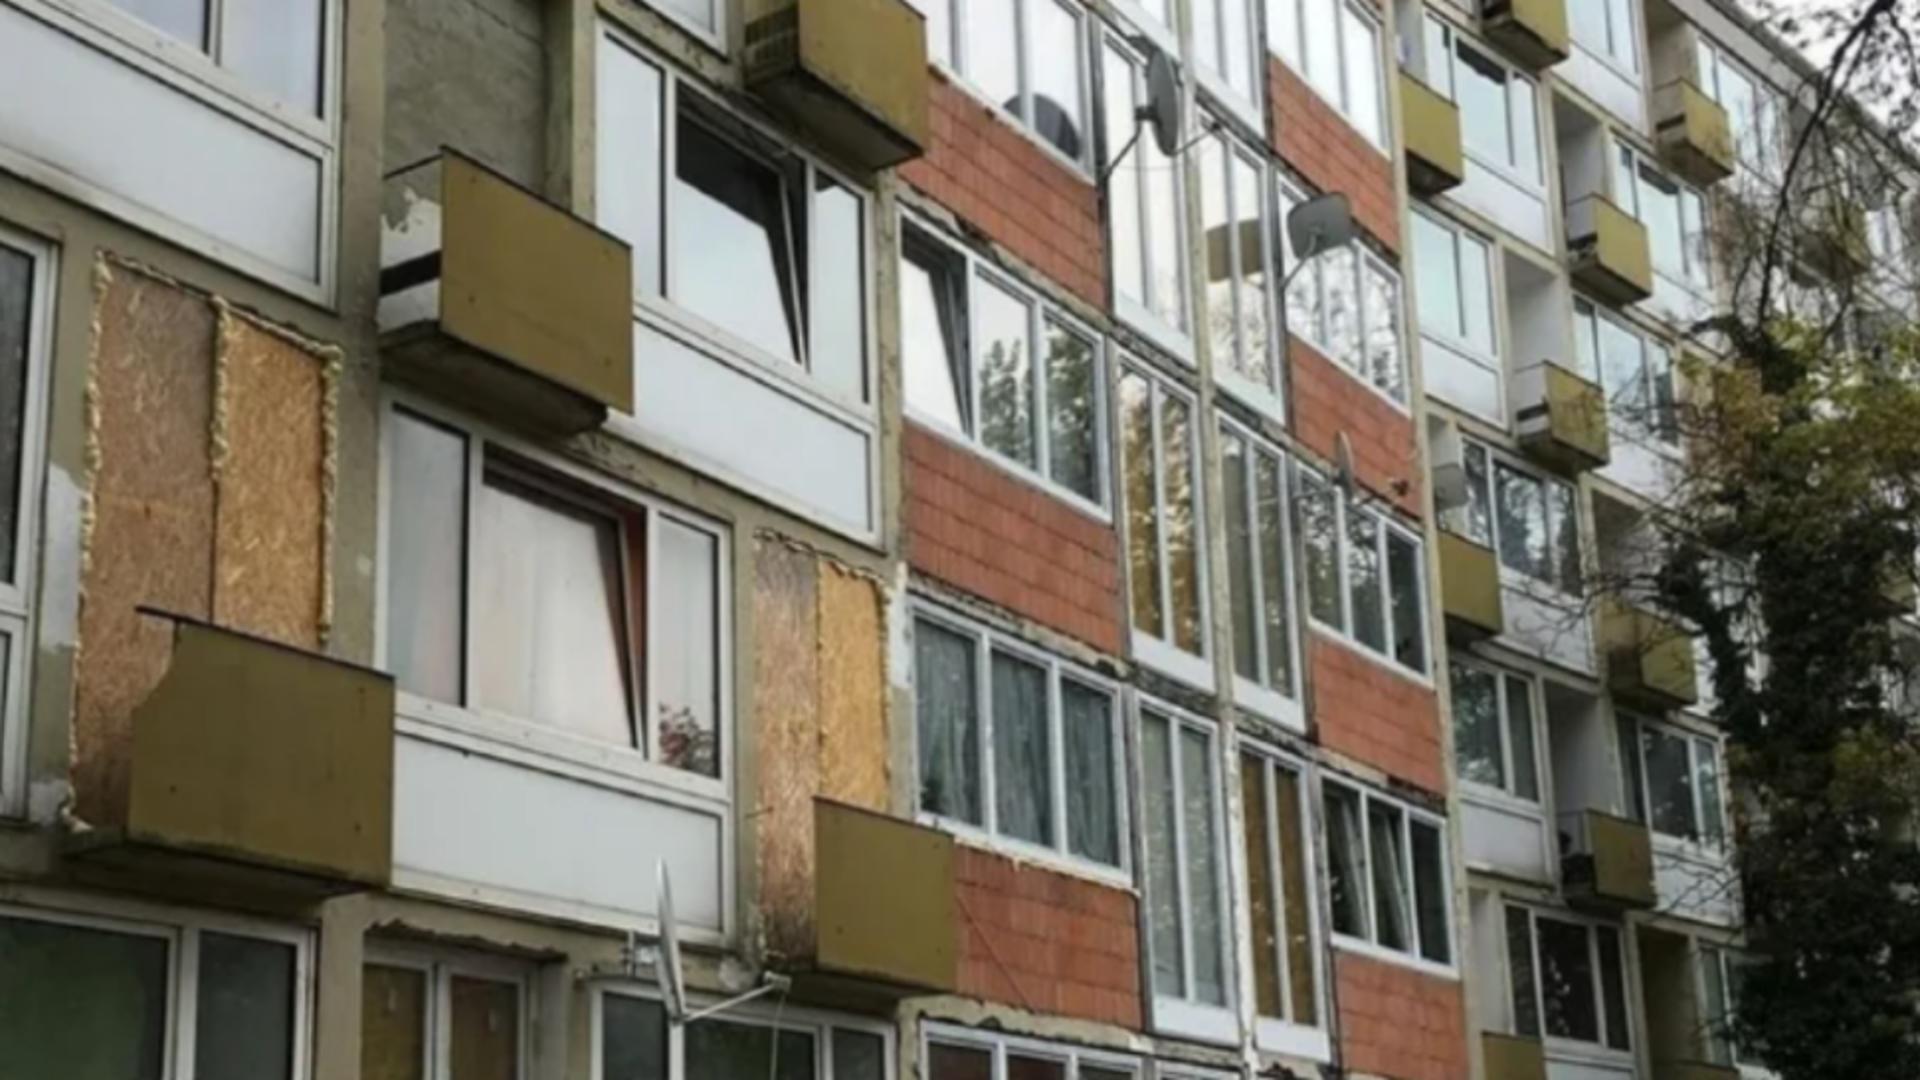 Români evacuați dintr-un bloc din Germania / Captură foto: br.de